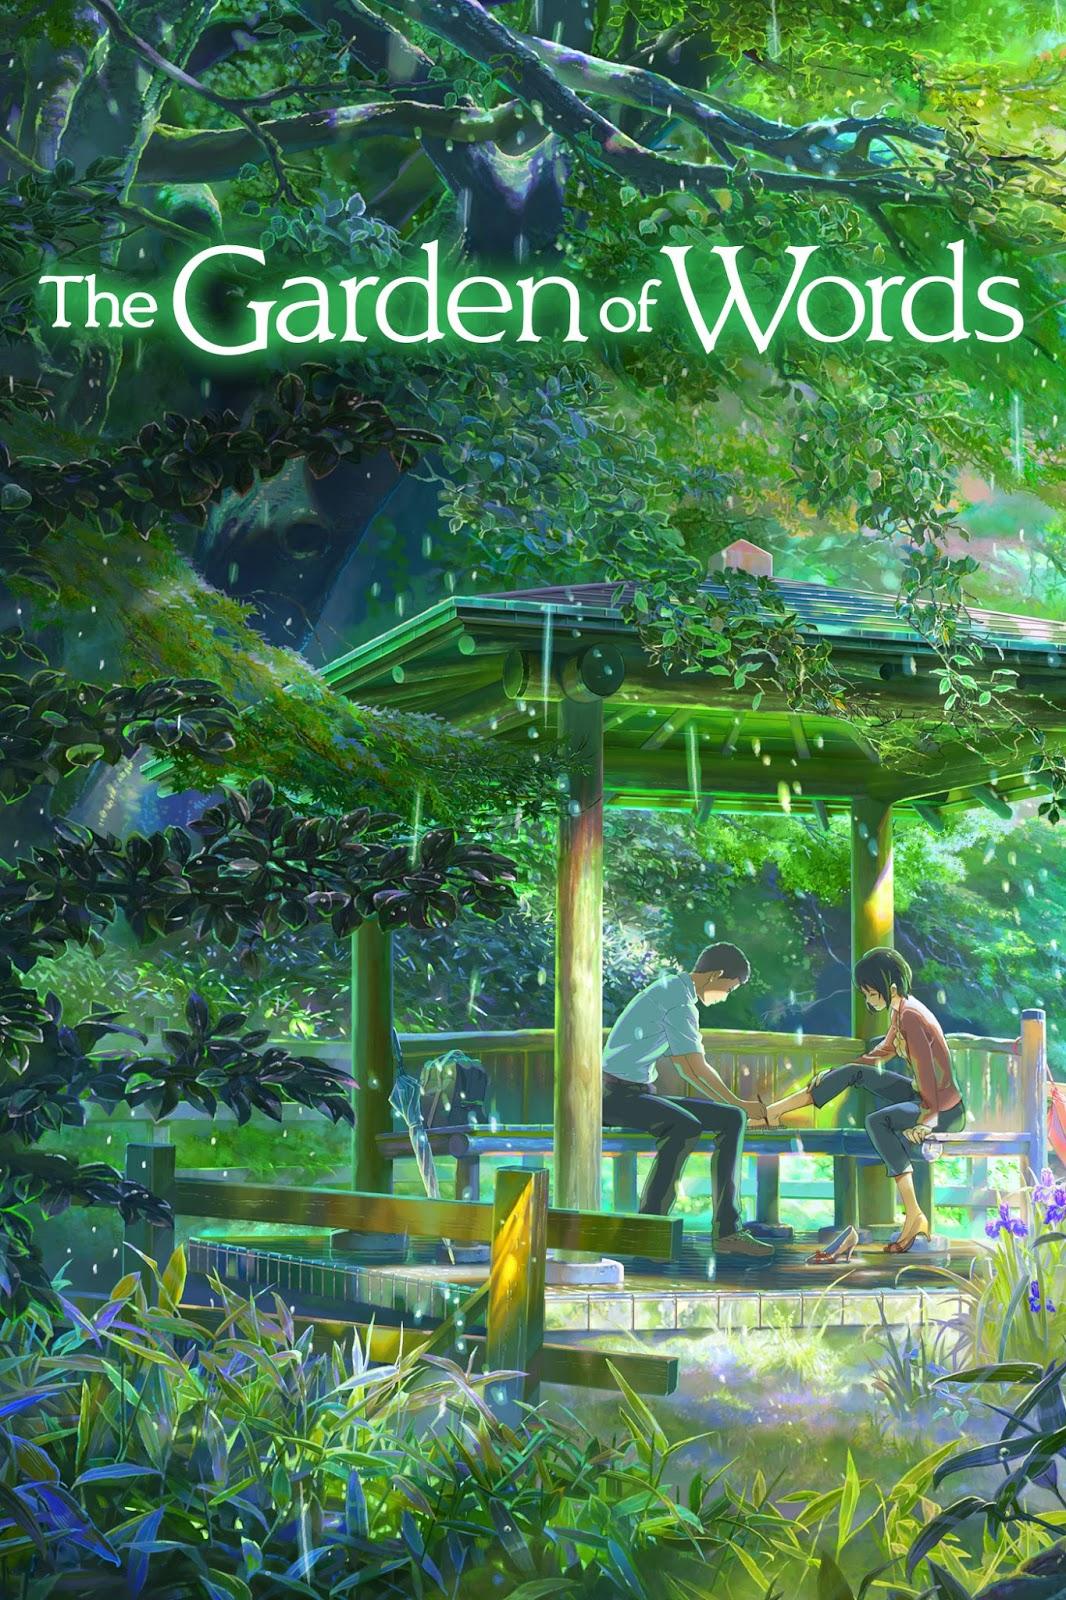 El jard n de las palabras mega ifd - Mega jardines de olarizu ...